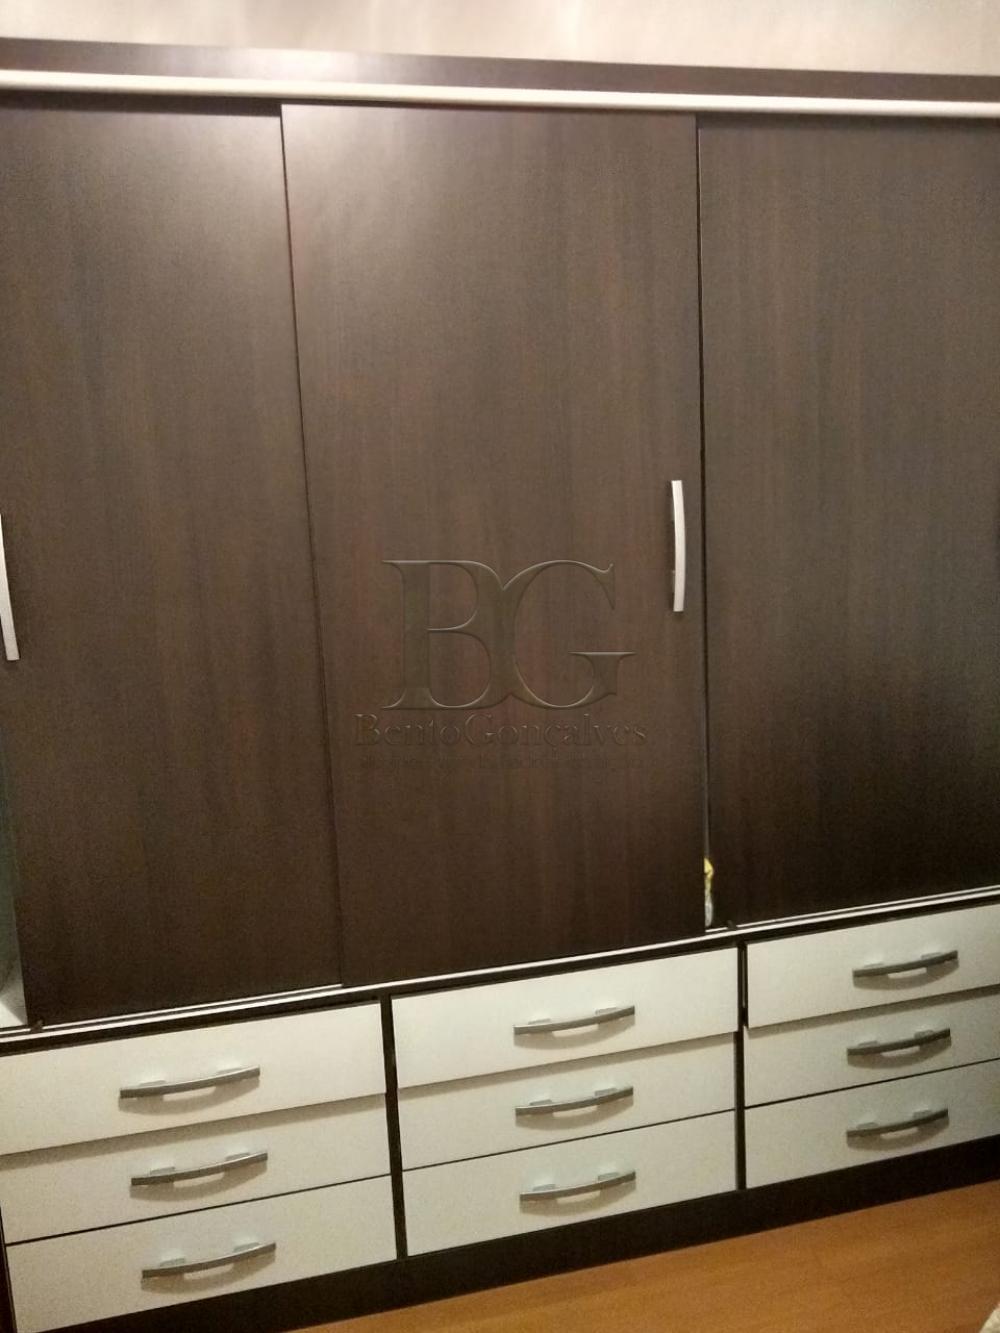 Comprar Apartamentos / Predio comercial e Residencial em Poços de Caldas apenas R$ 400.000,00 - Foto 13